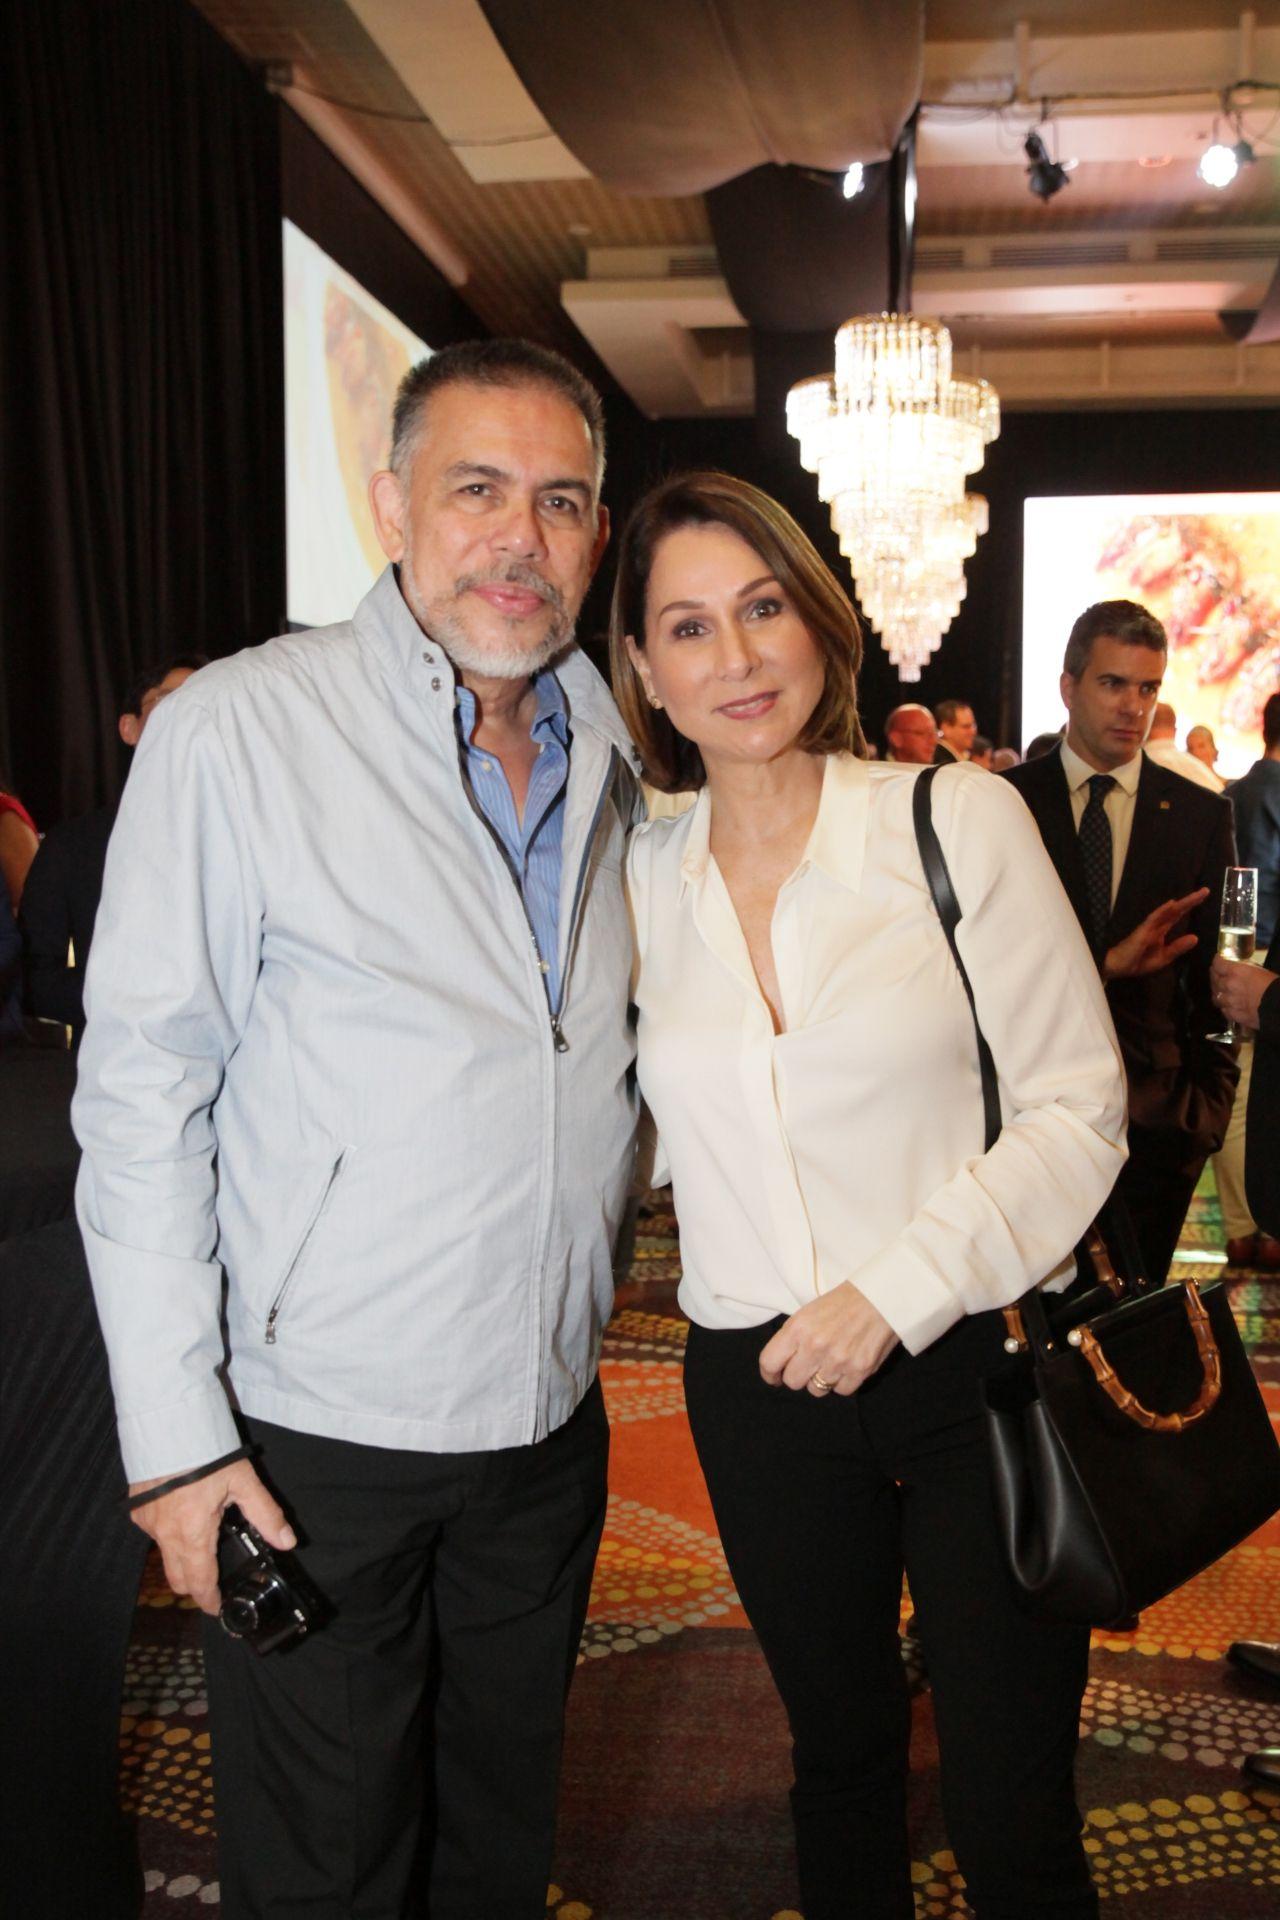 Wig Tysmans and Carla Tengco